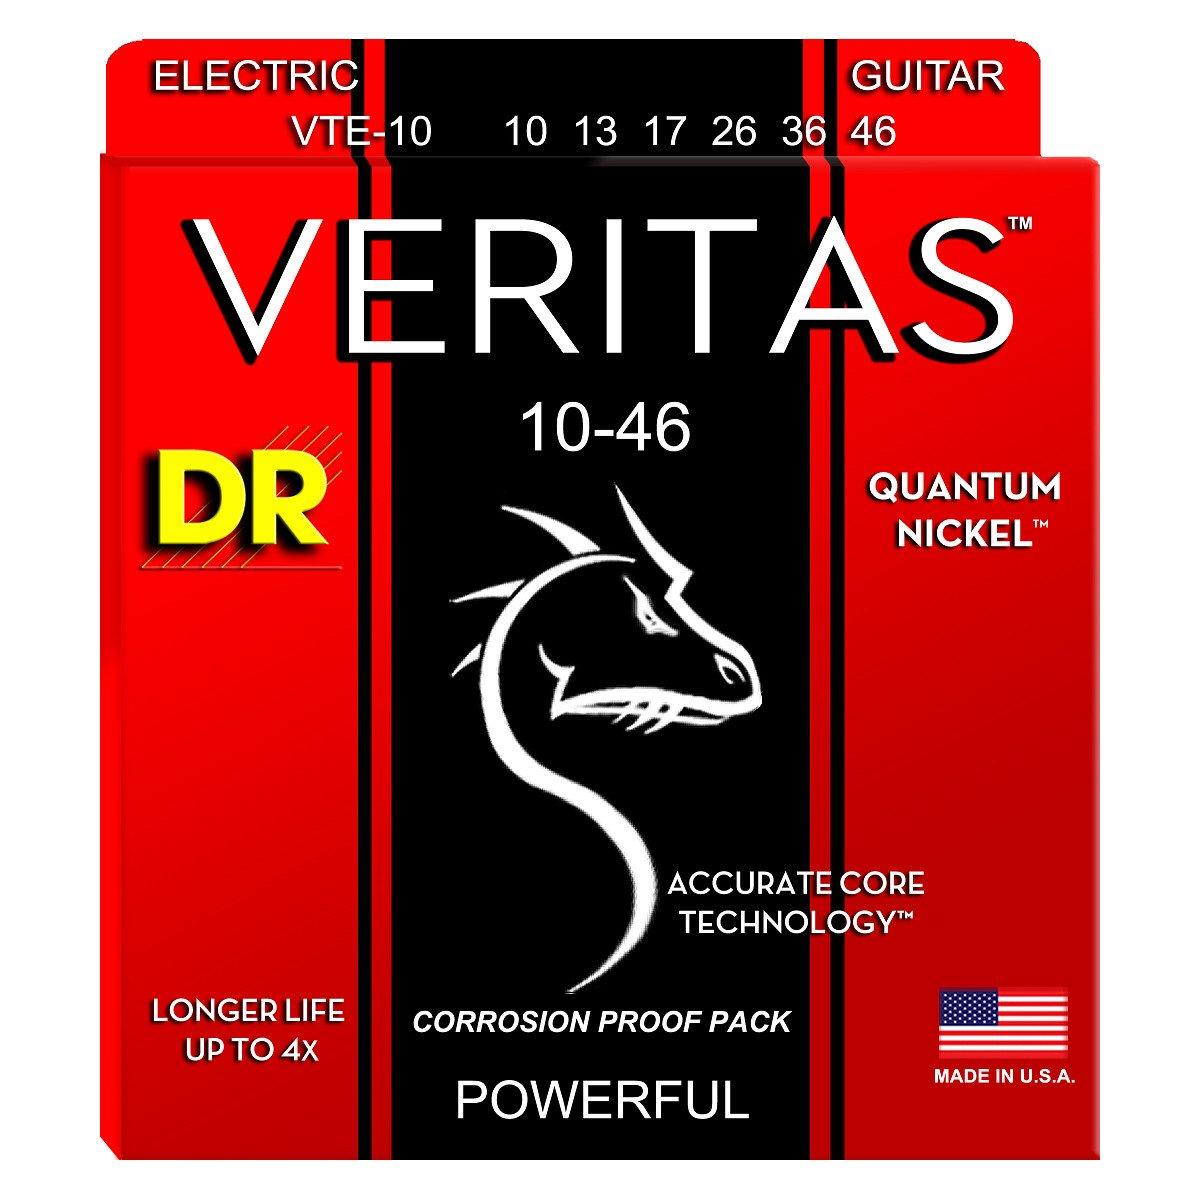 DR VTE-10 Veritas Quantum 10-46